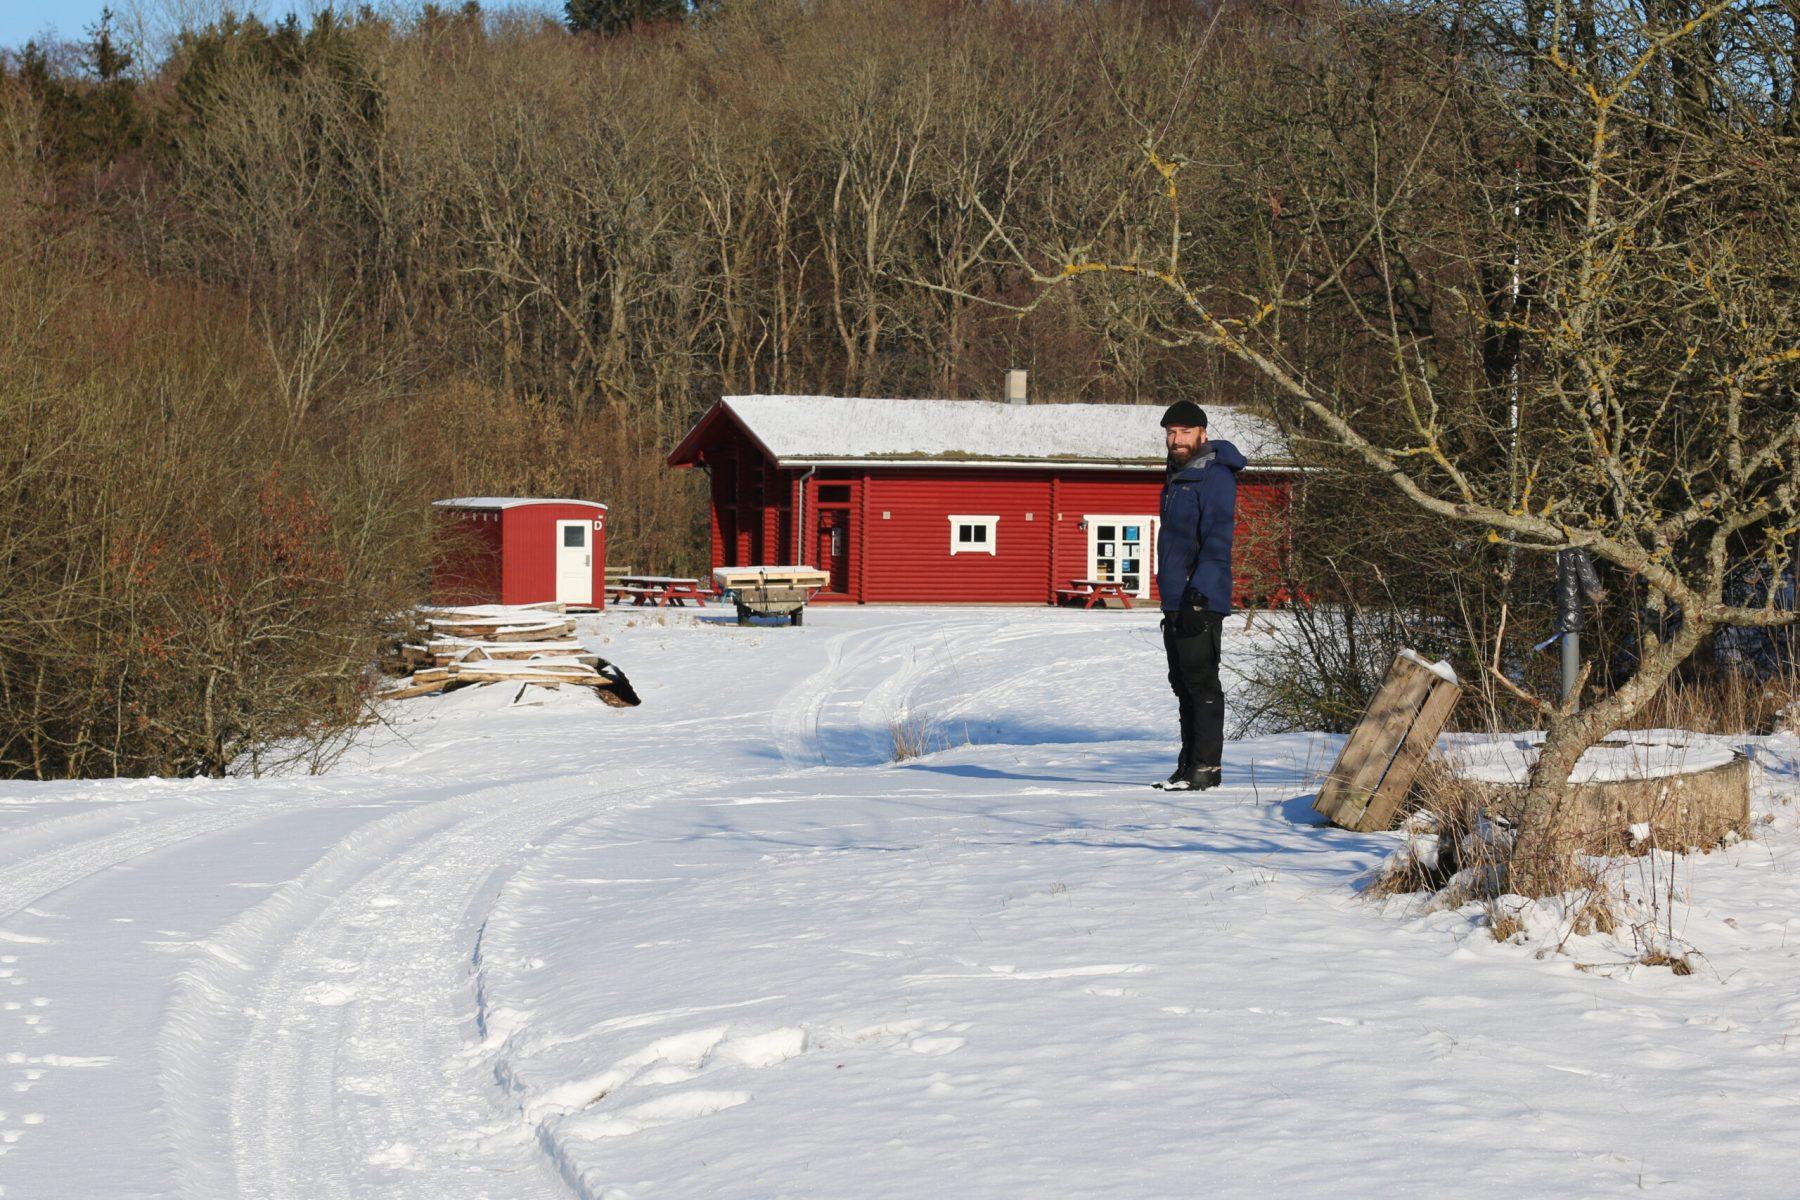 Vinter i den gamle æbleplantage – © Fotograf Tanja L. Bundgaard, 2021